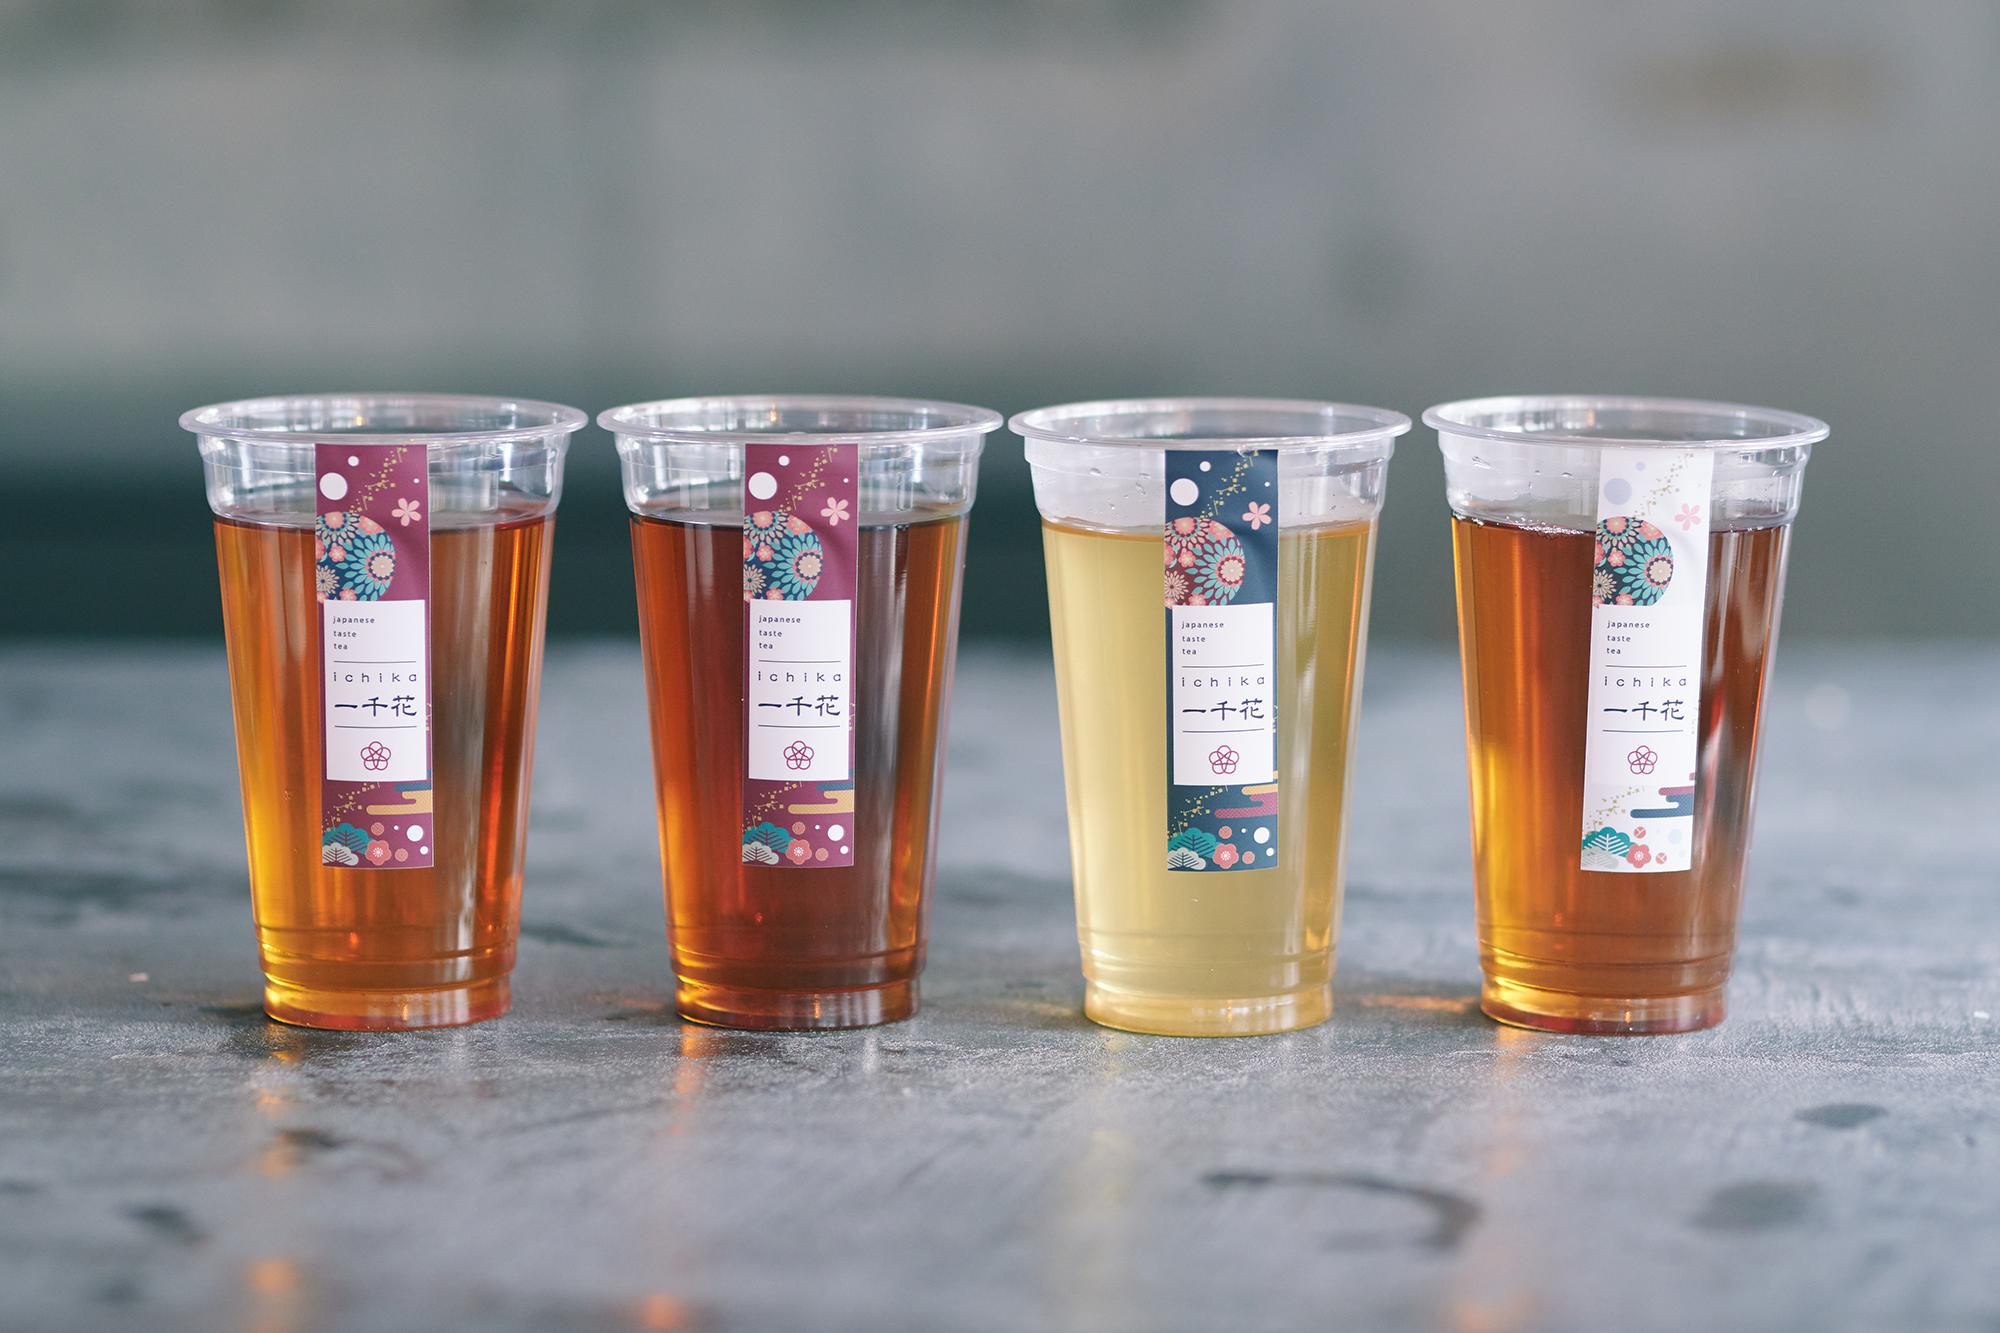 本格的な日本茶をカジュアルに楽しむ。原宿で人気の日本茶専門店「一千花(いちか)」が名古屋栄に登場! - 201909306506